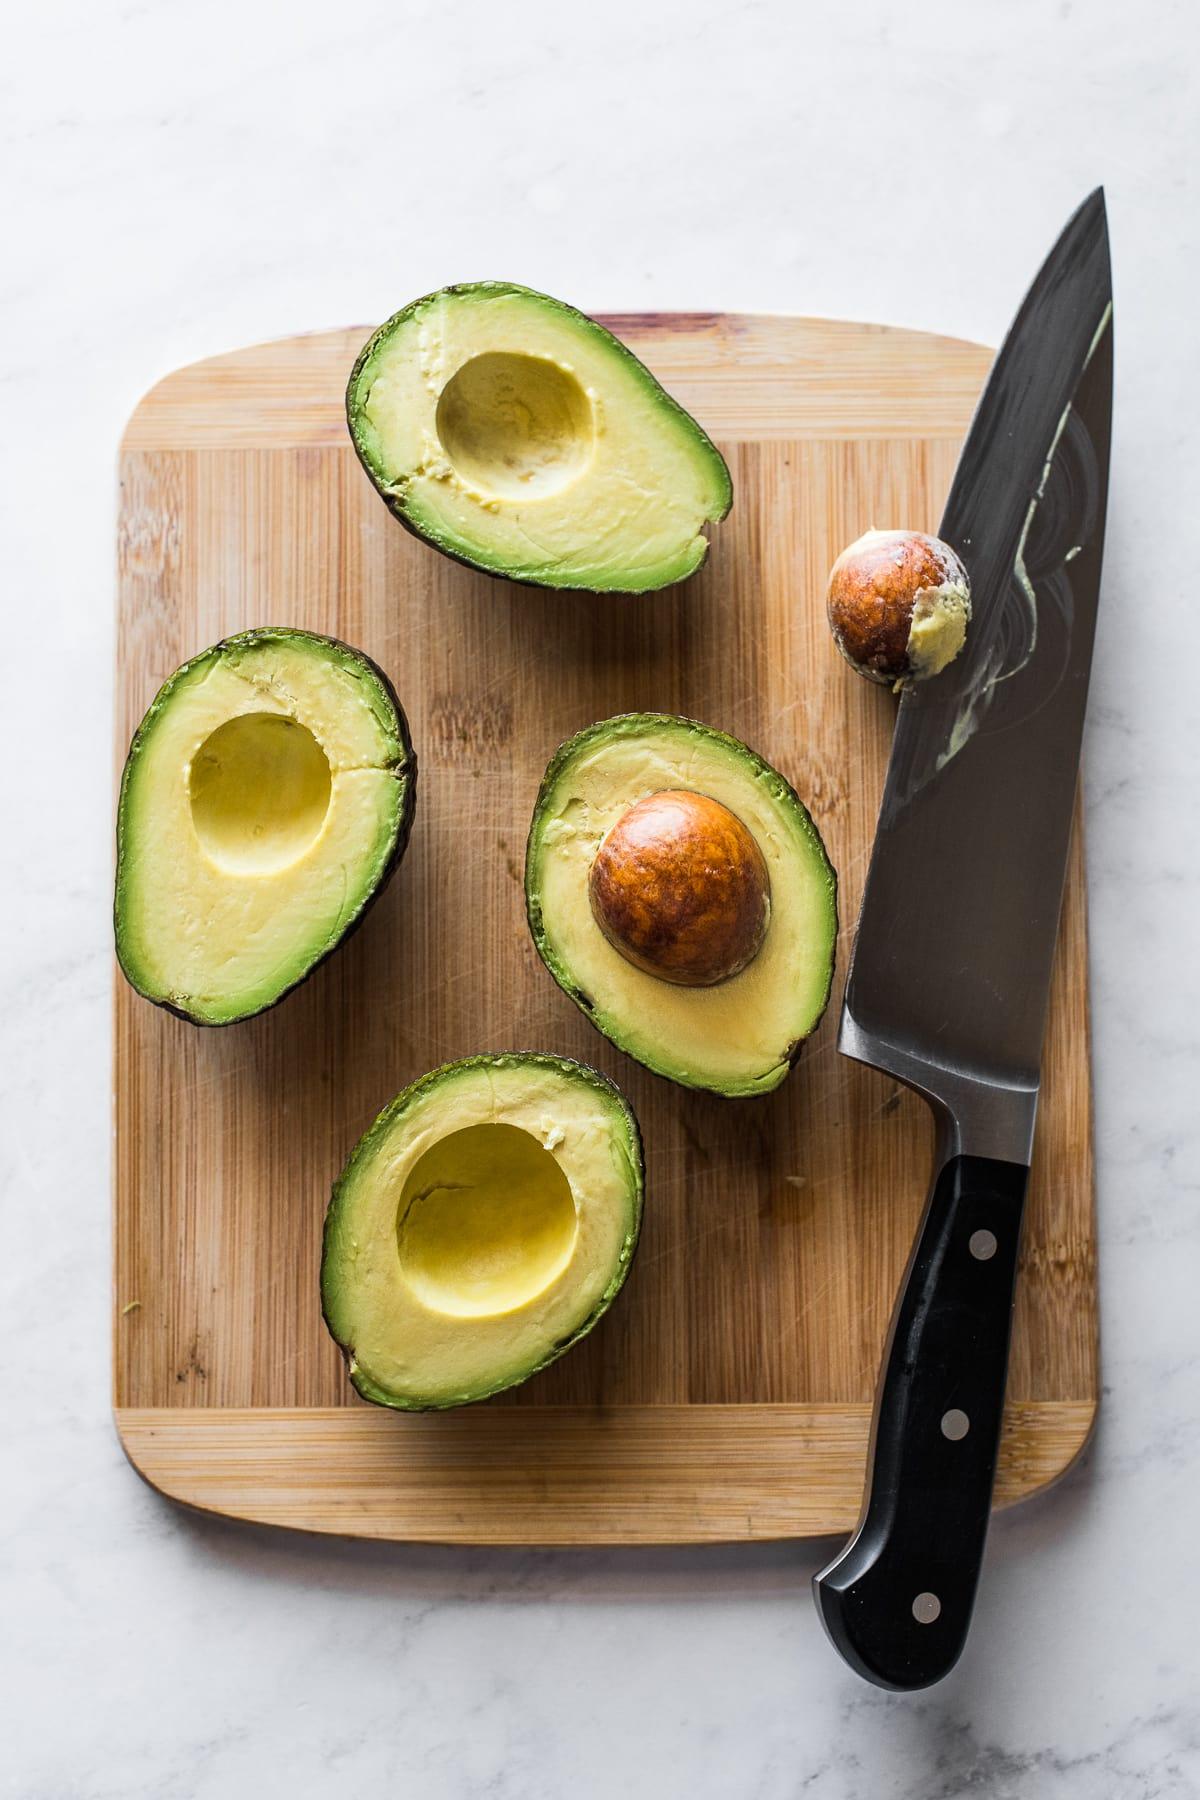 Avocado halves on a cutting board.